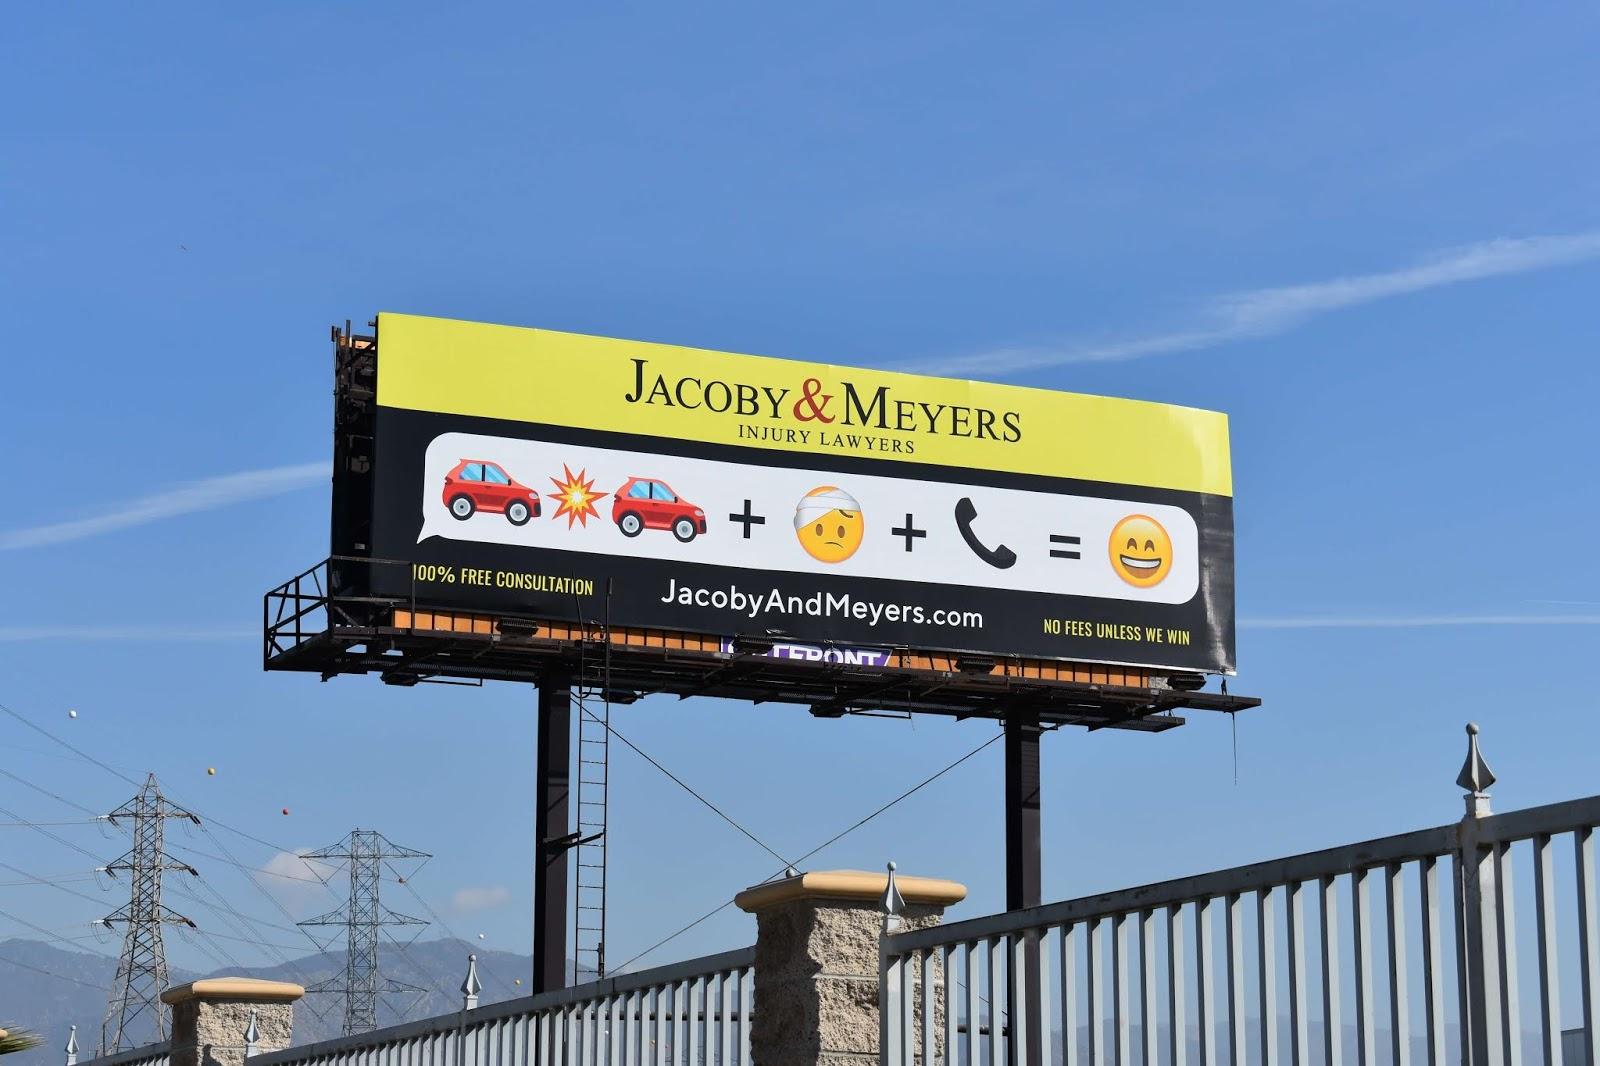 Reklame Yang Dicetak Langsung Pada Suatu Produk Disebut ...